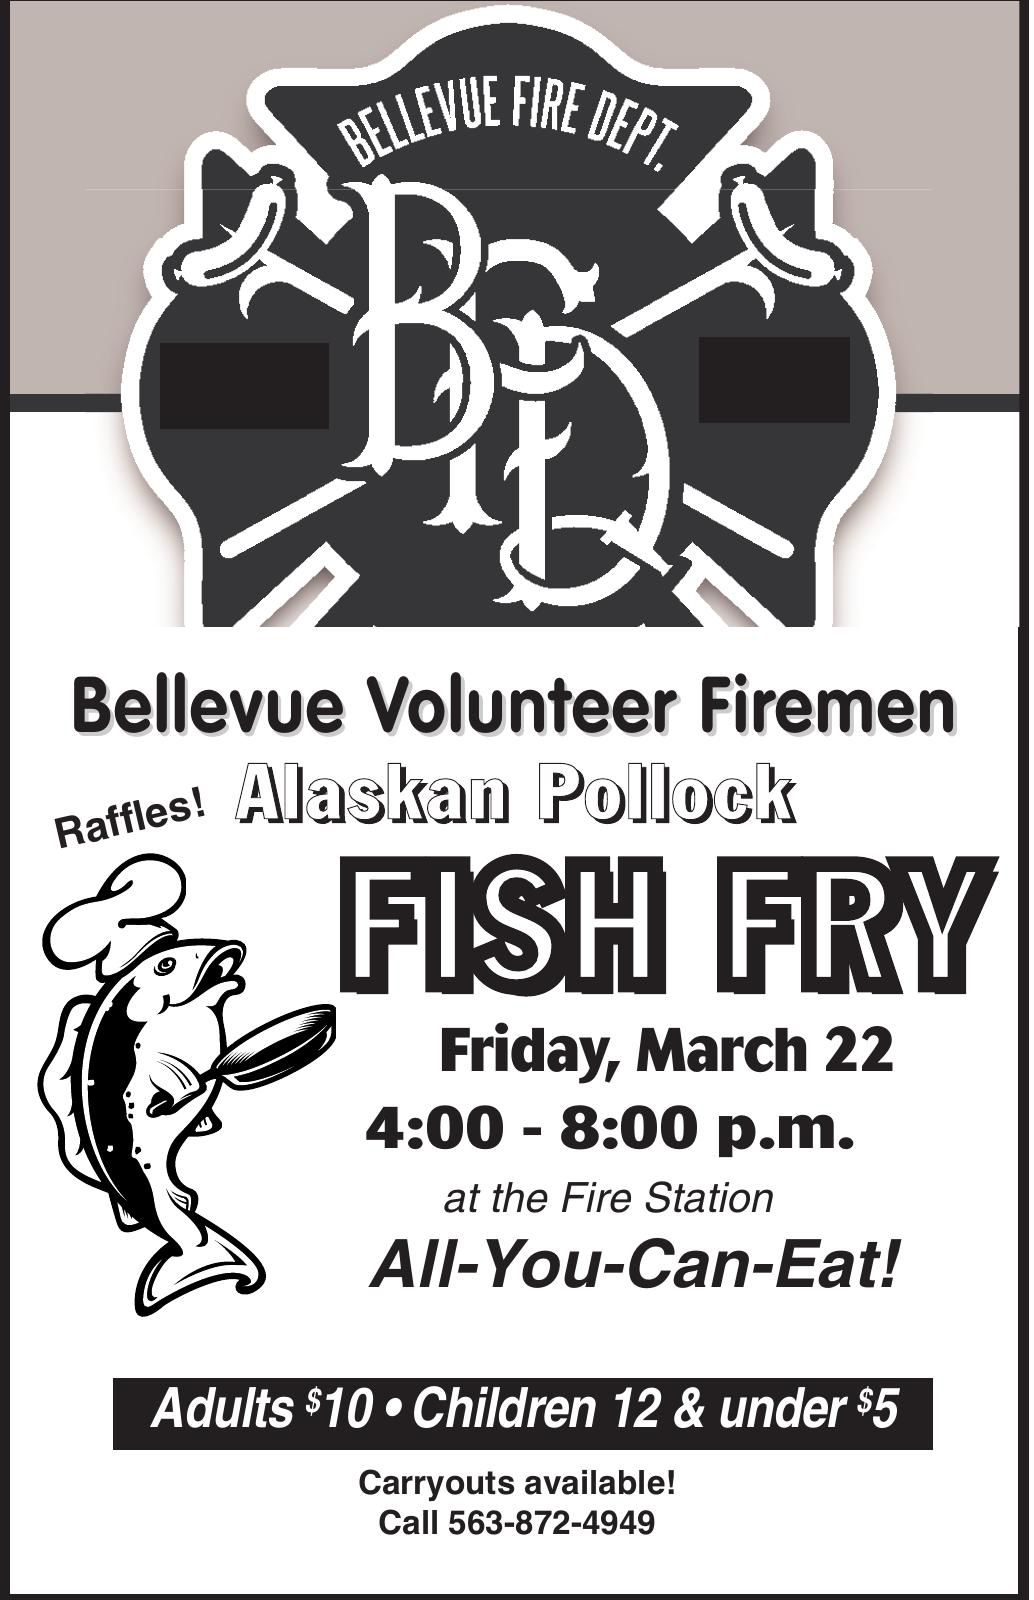 Bellevue Volunteer Firemen Fish Fry